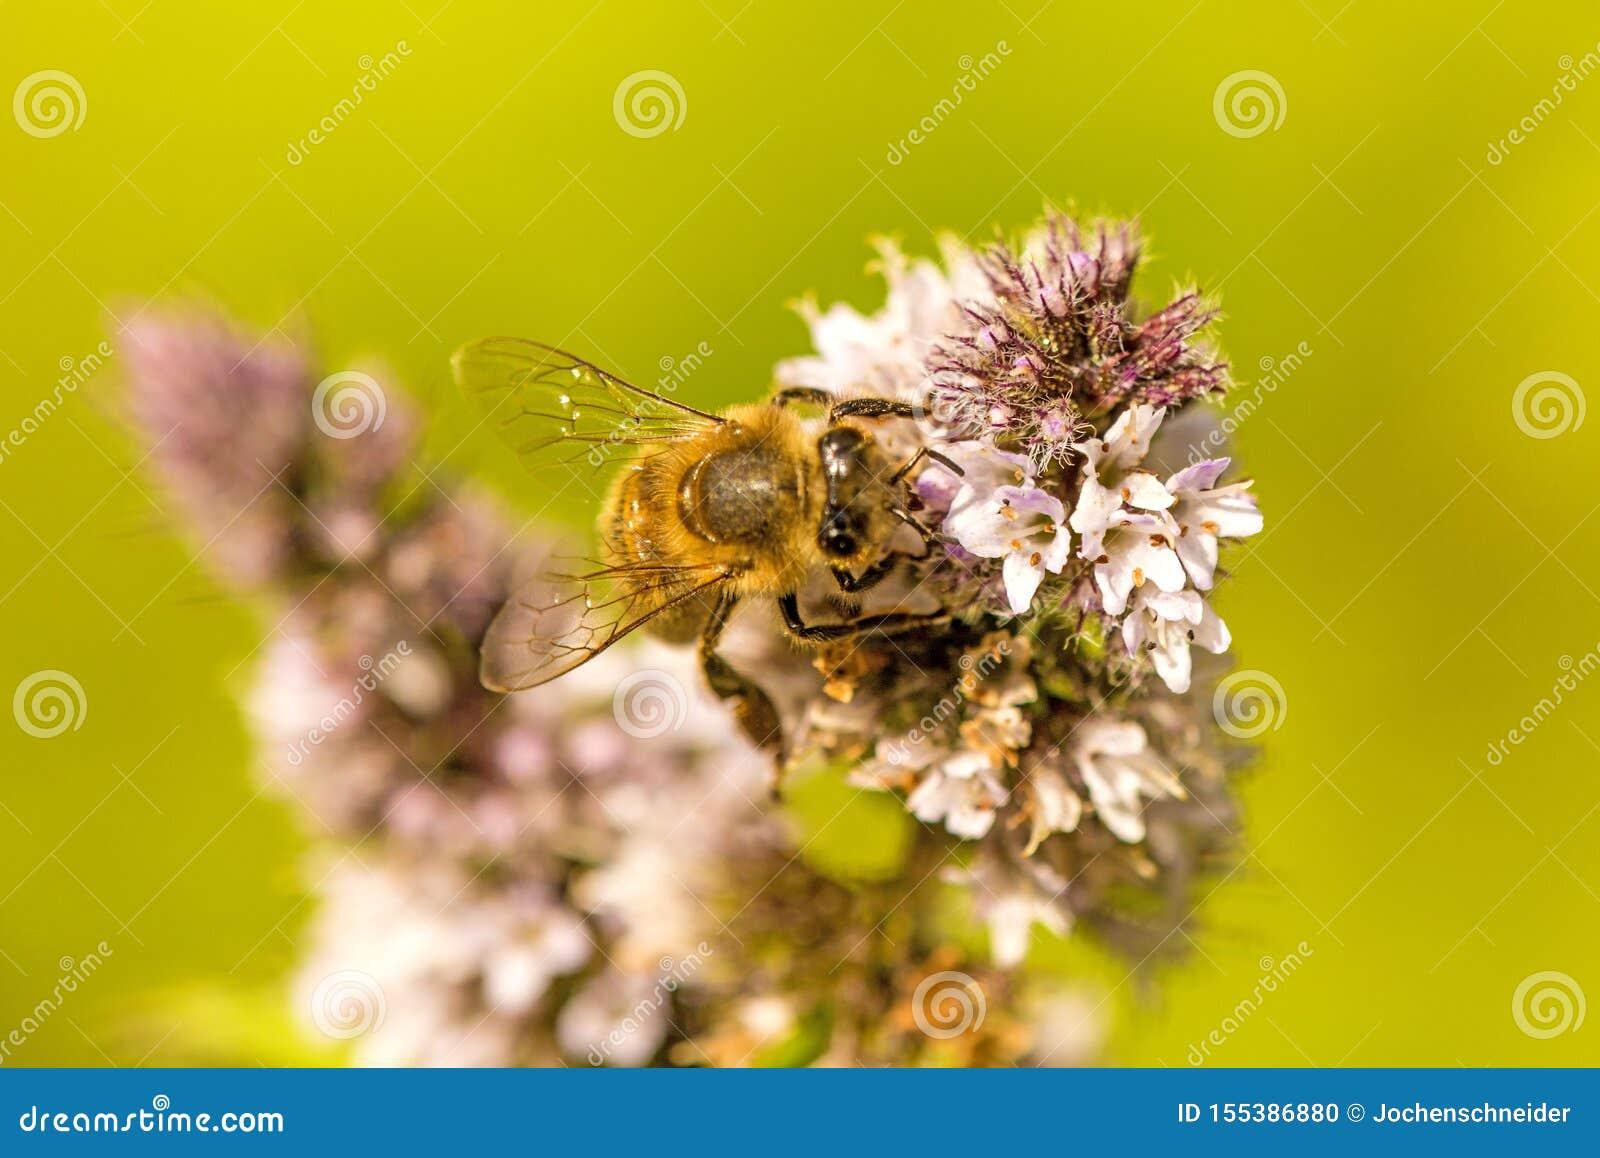 Honingbij op een bloem van een pepermunt